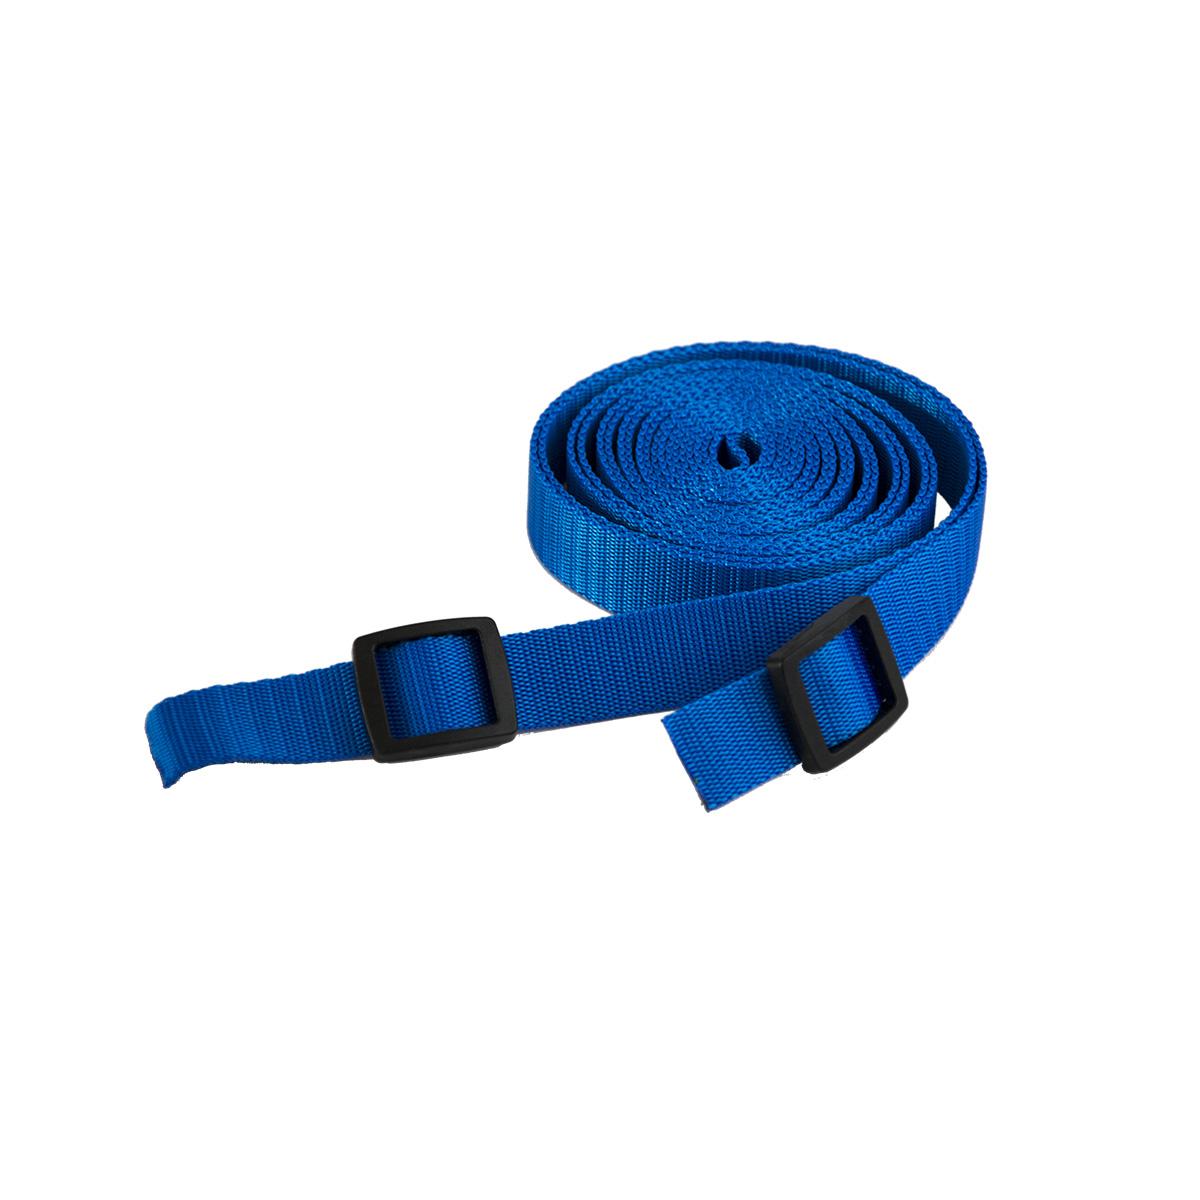 Tažný popruh na tahání saní a bobů - 3 metry - modrý